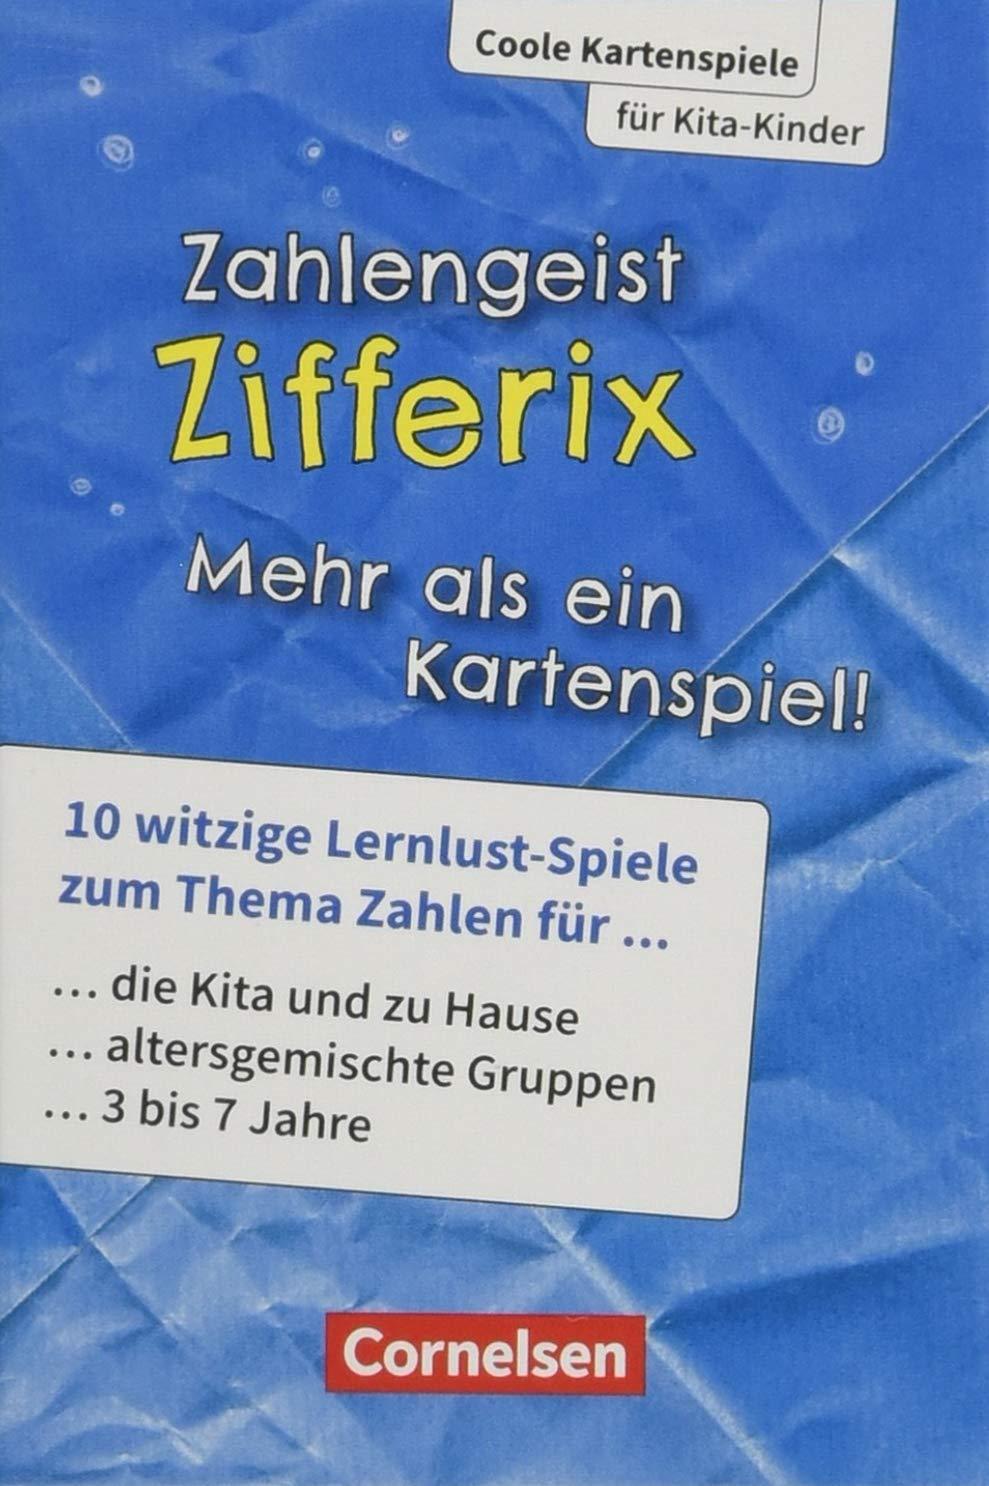 Coole Kartenspiele für Kita-Kinder: Zahlengeist Zifferix: 10 Spiele ...